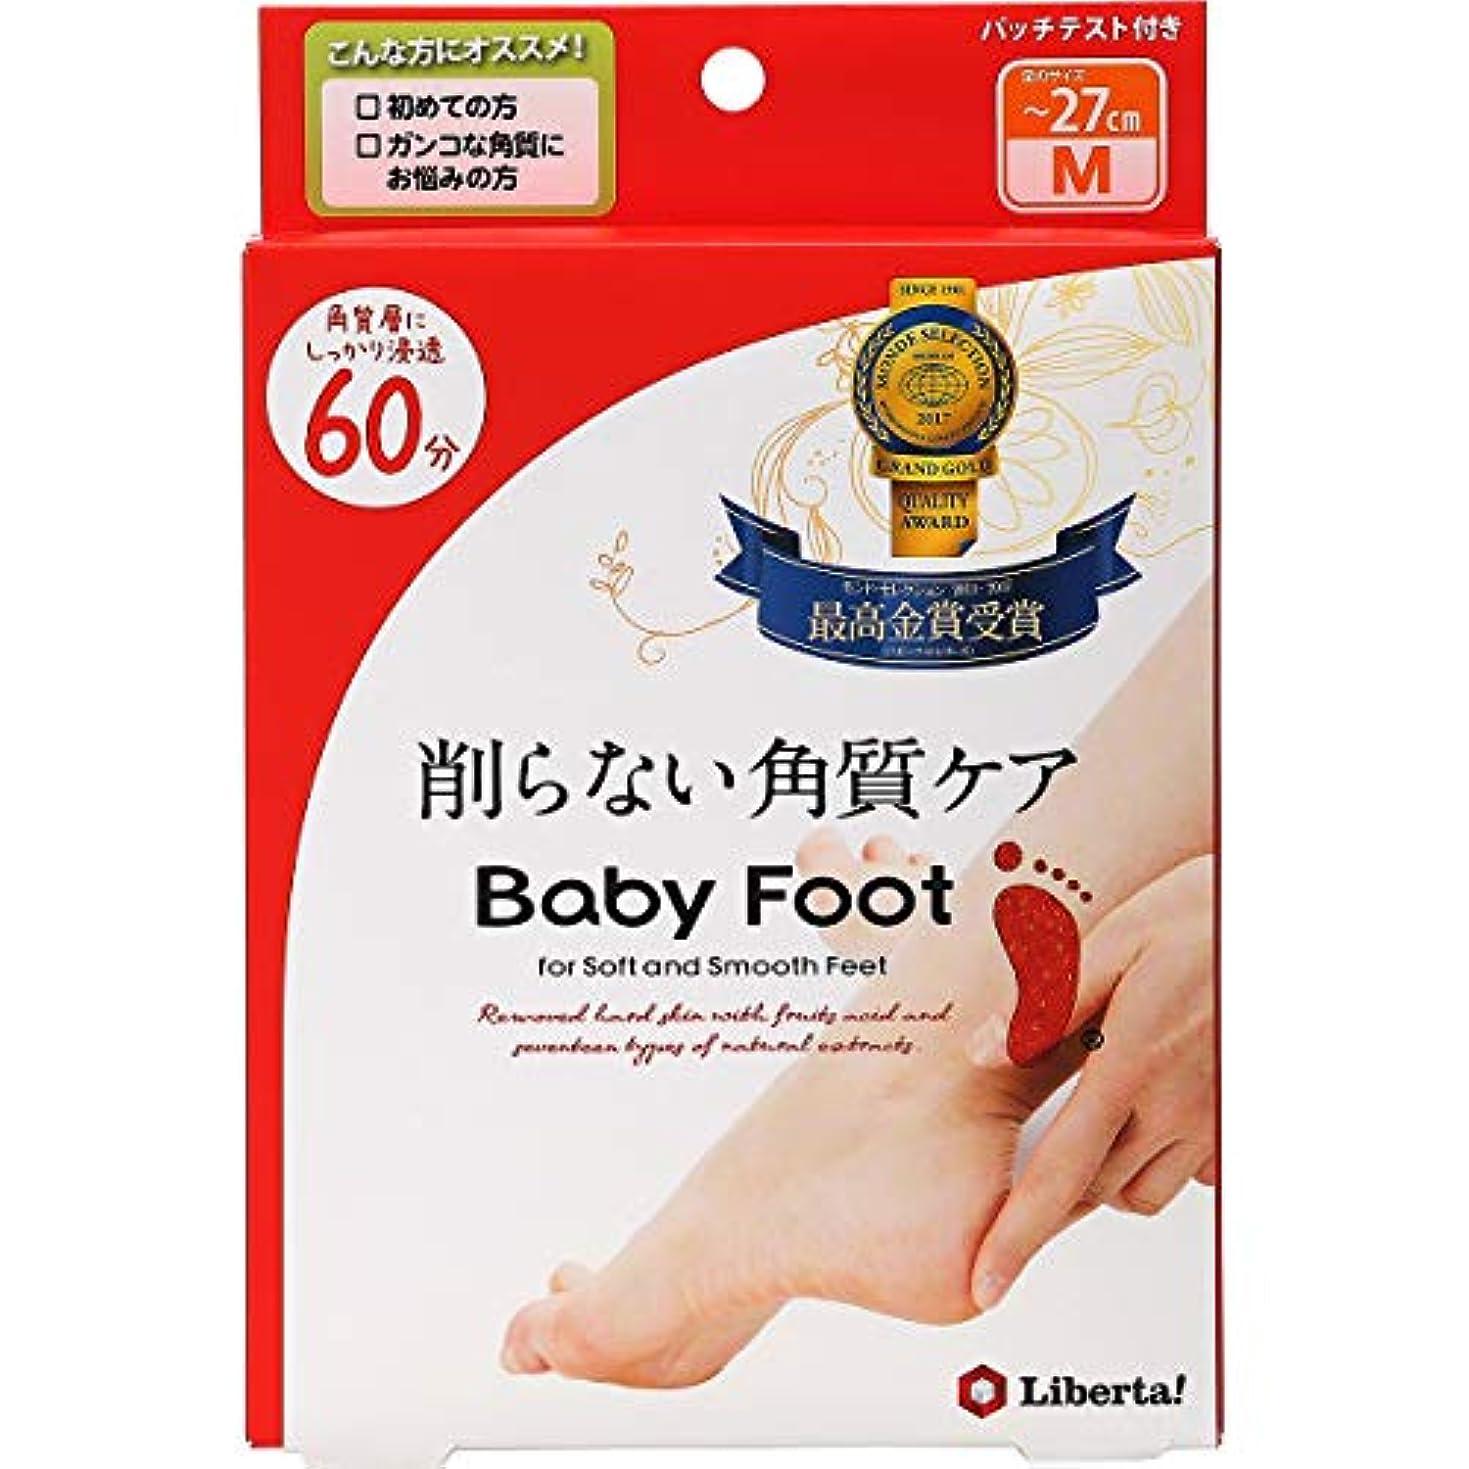 喜んで叙情的な曇ったベビーフット (Baby Foot) ベビーフット イージーパック SPT60分タイプ Mサイズ 単品